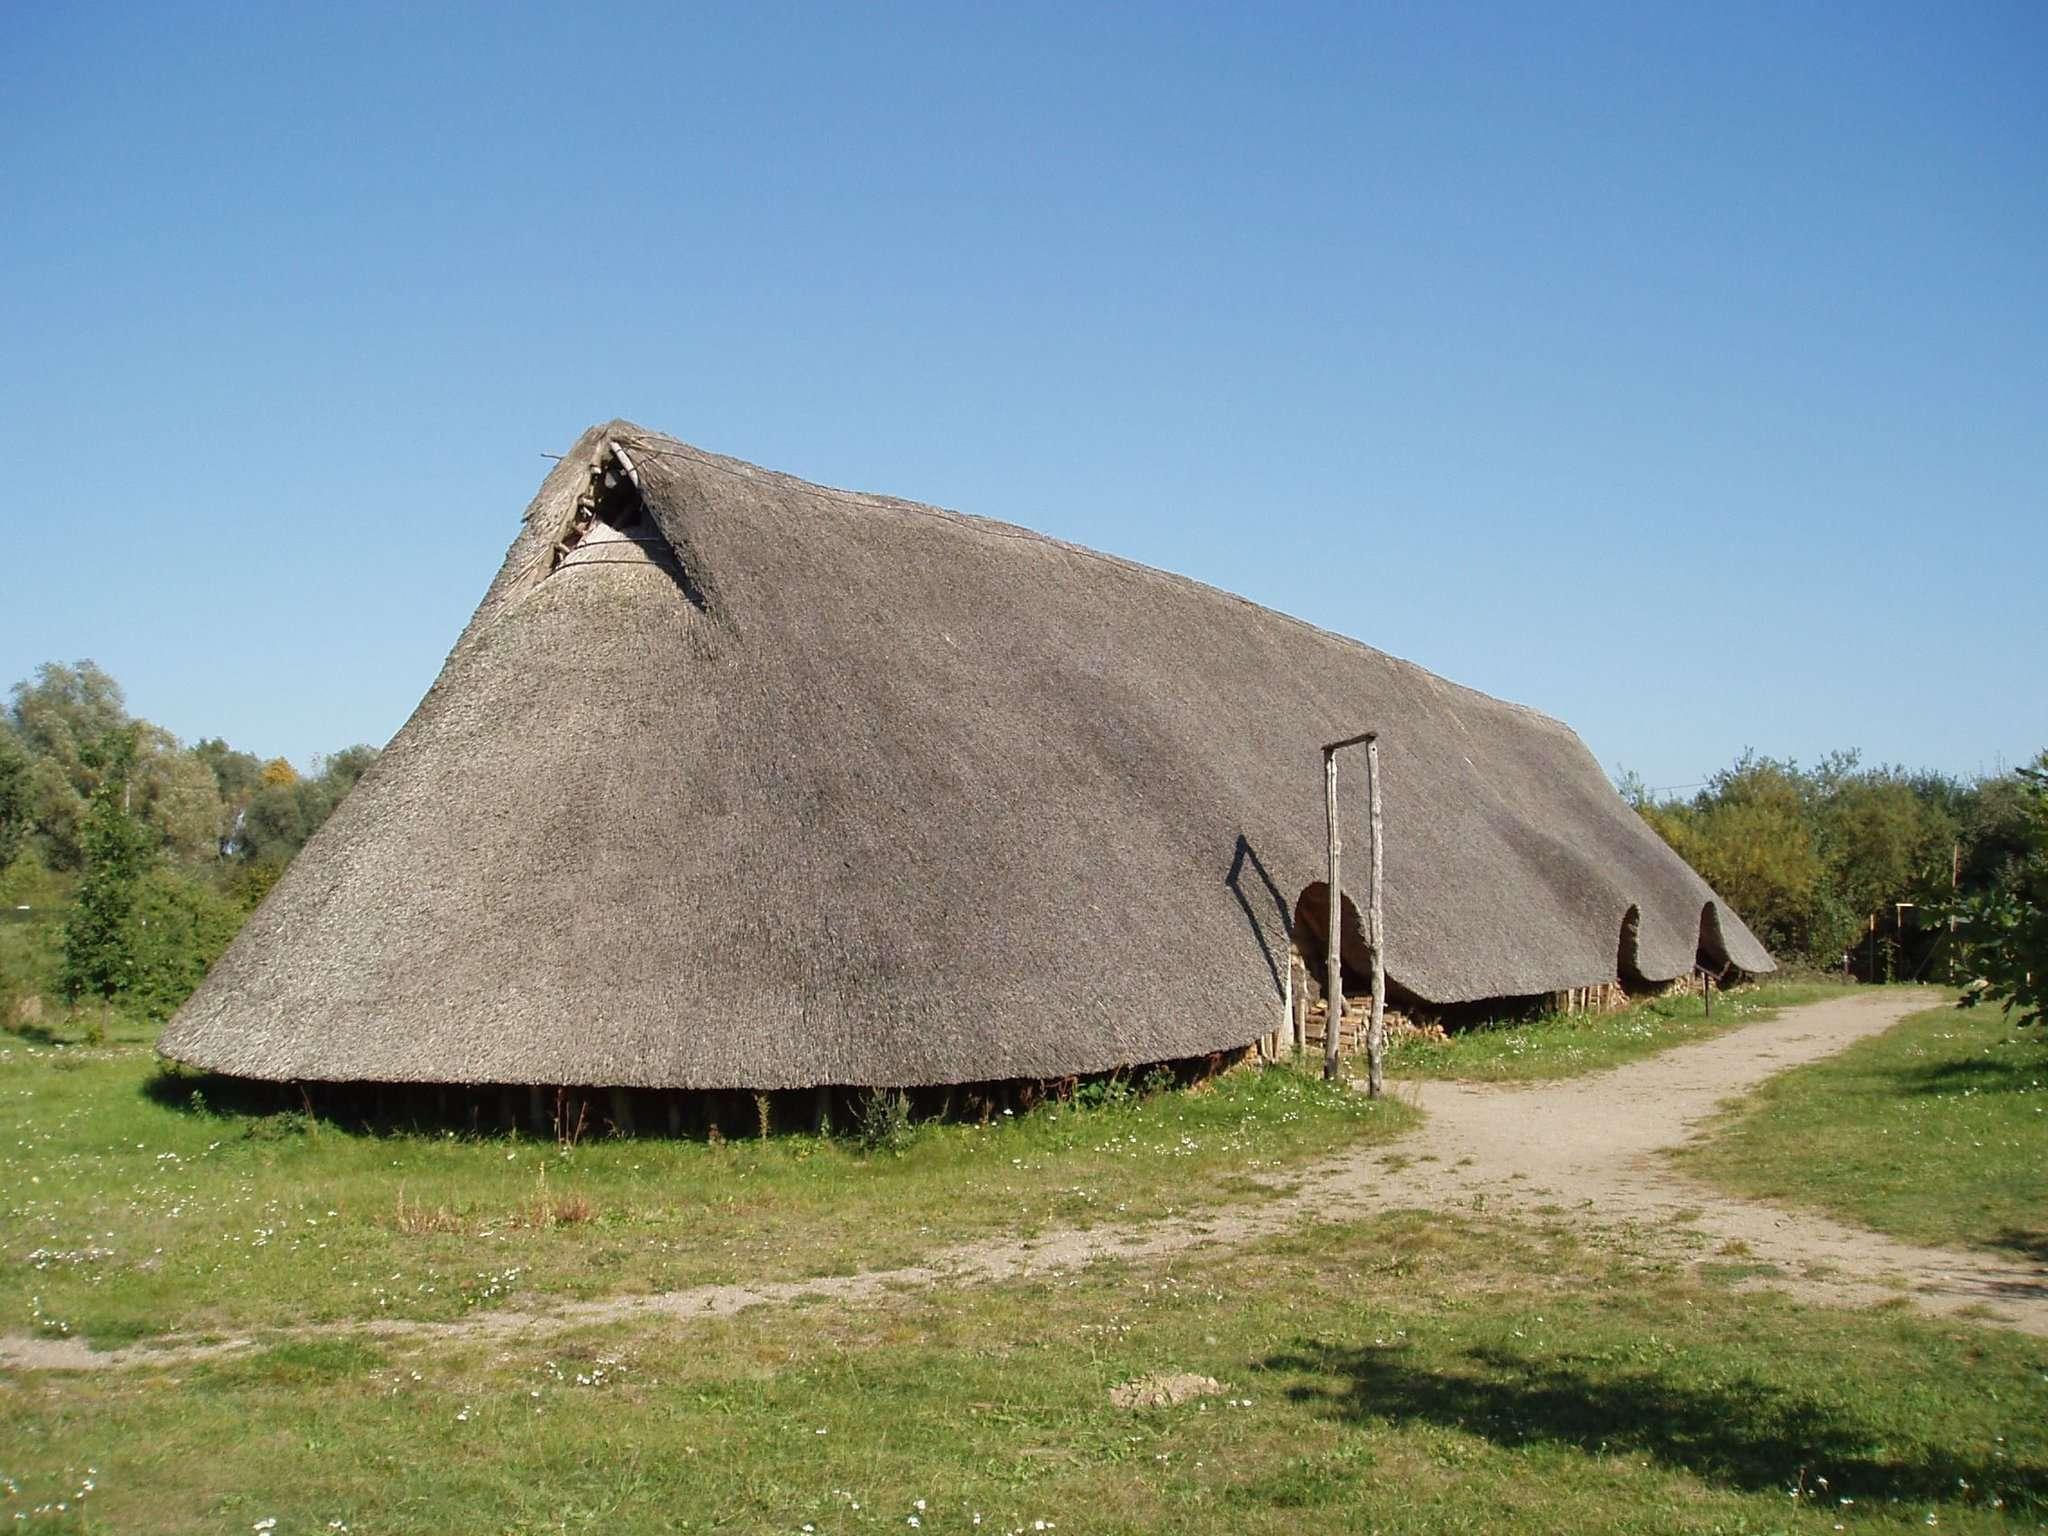 Das Leben in der Bronzezeit wird anschaulich im Freilichtmuseum Hitzacker vermittelt.